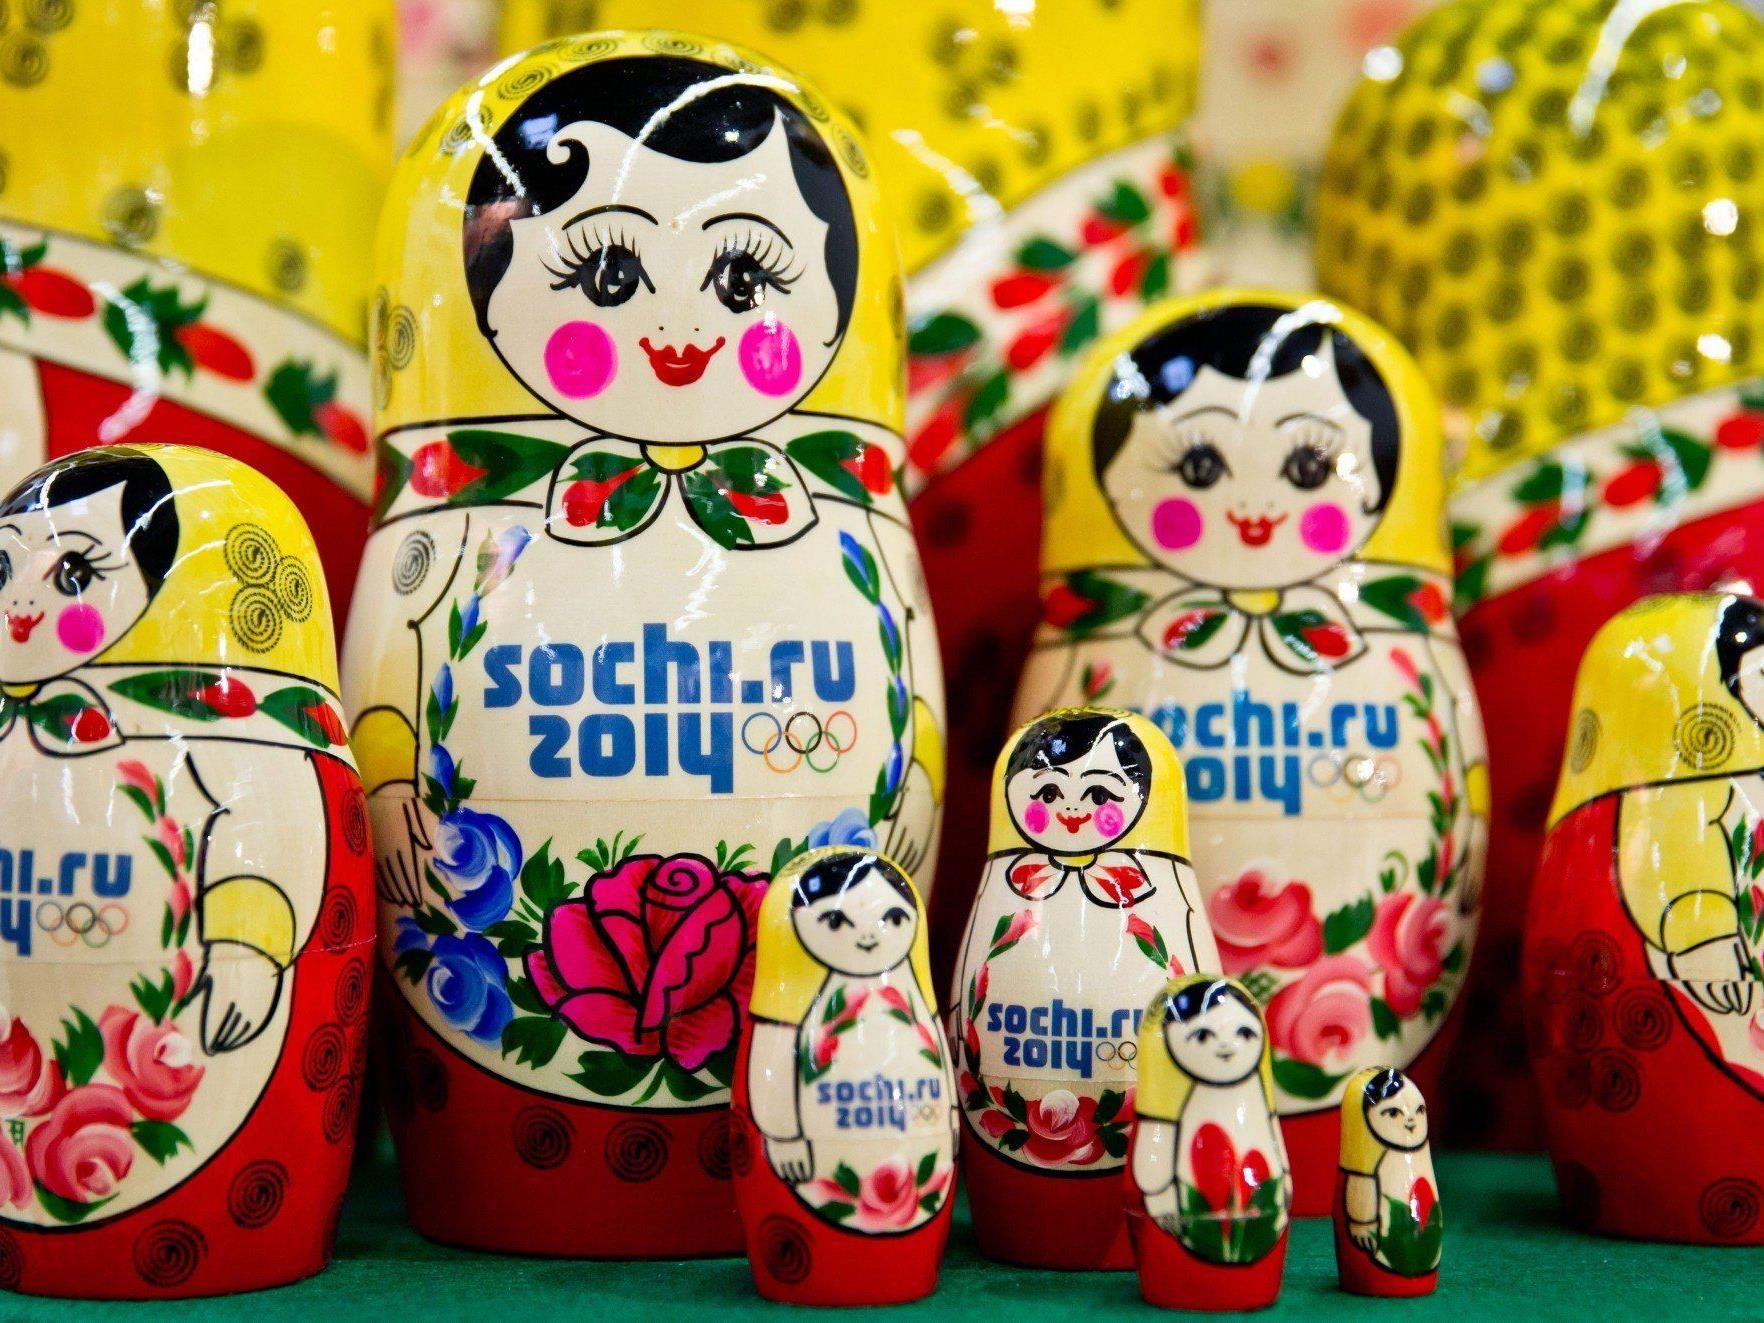 Die Winterspiel in Sotchi haben die Aufmerksamkeit auf die Anti-Homosexuellen-Gesetze in Russland gelenkt.